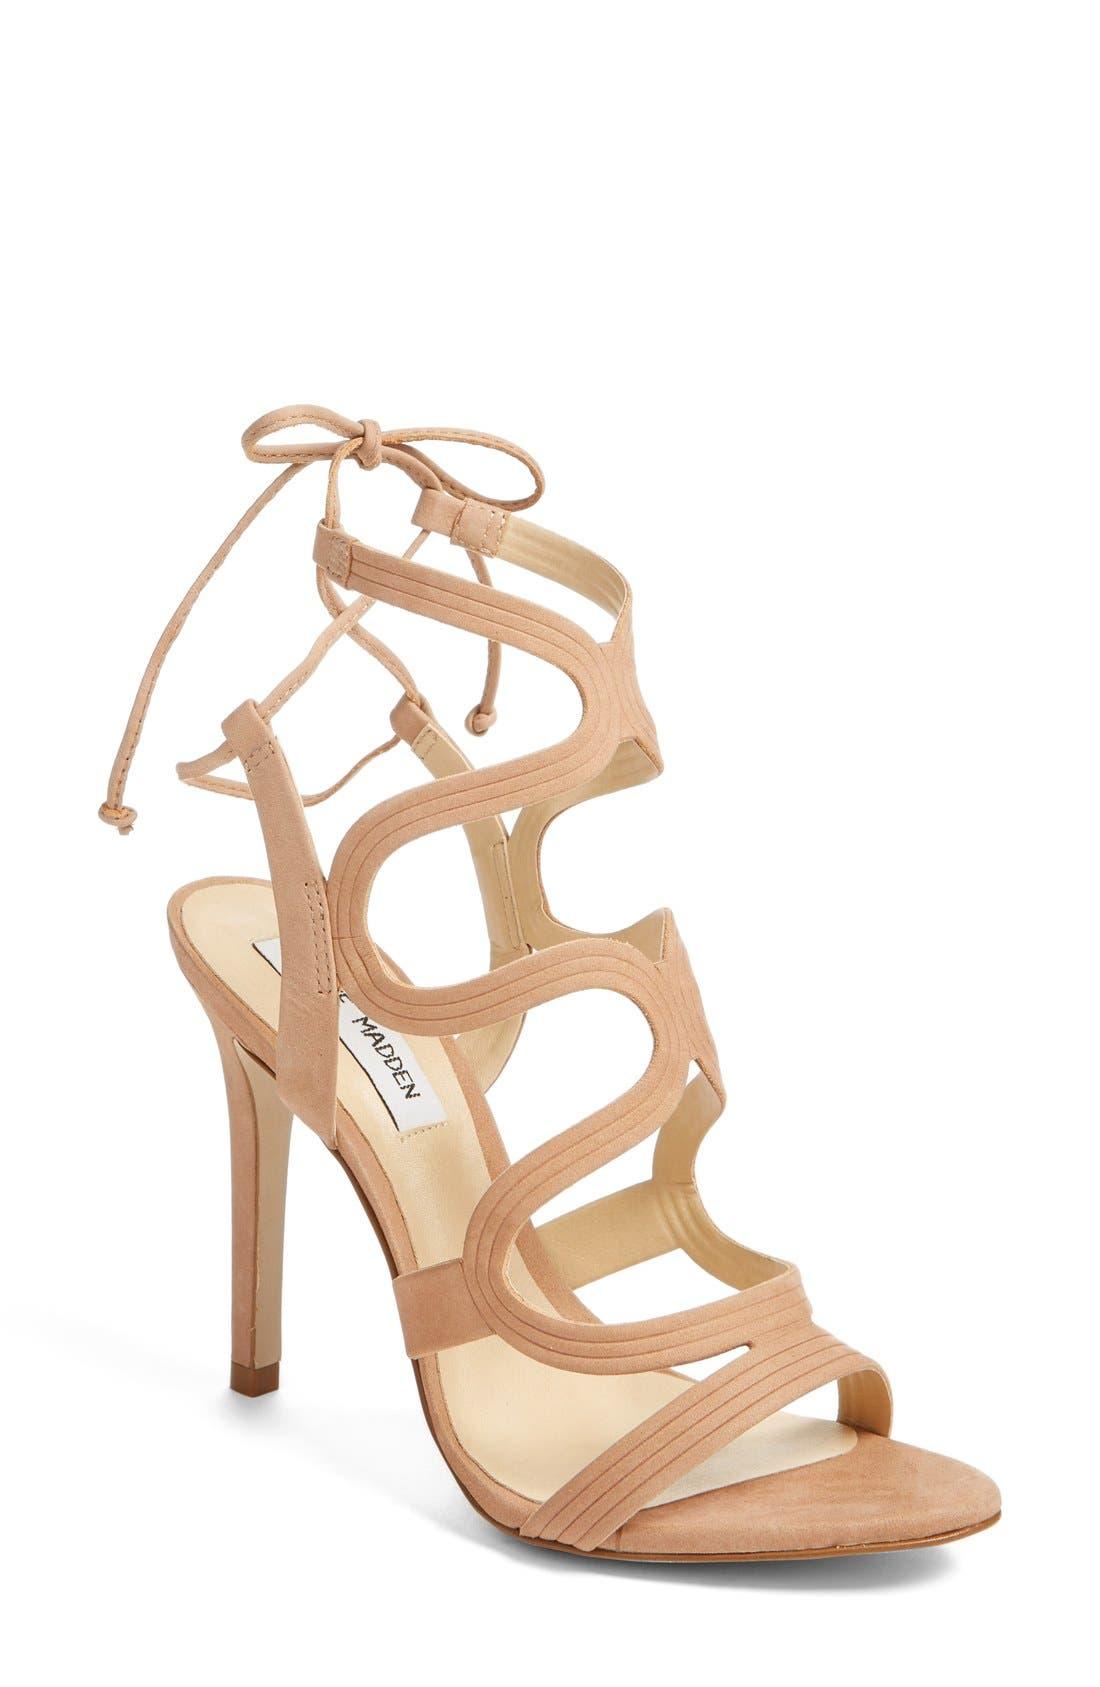 Alternate Image 1 Selected - Steve Madden 'Ava' Sandal (Women)